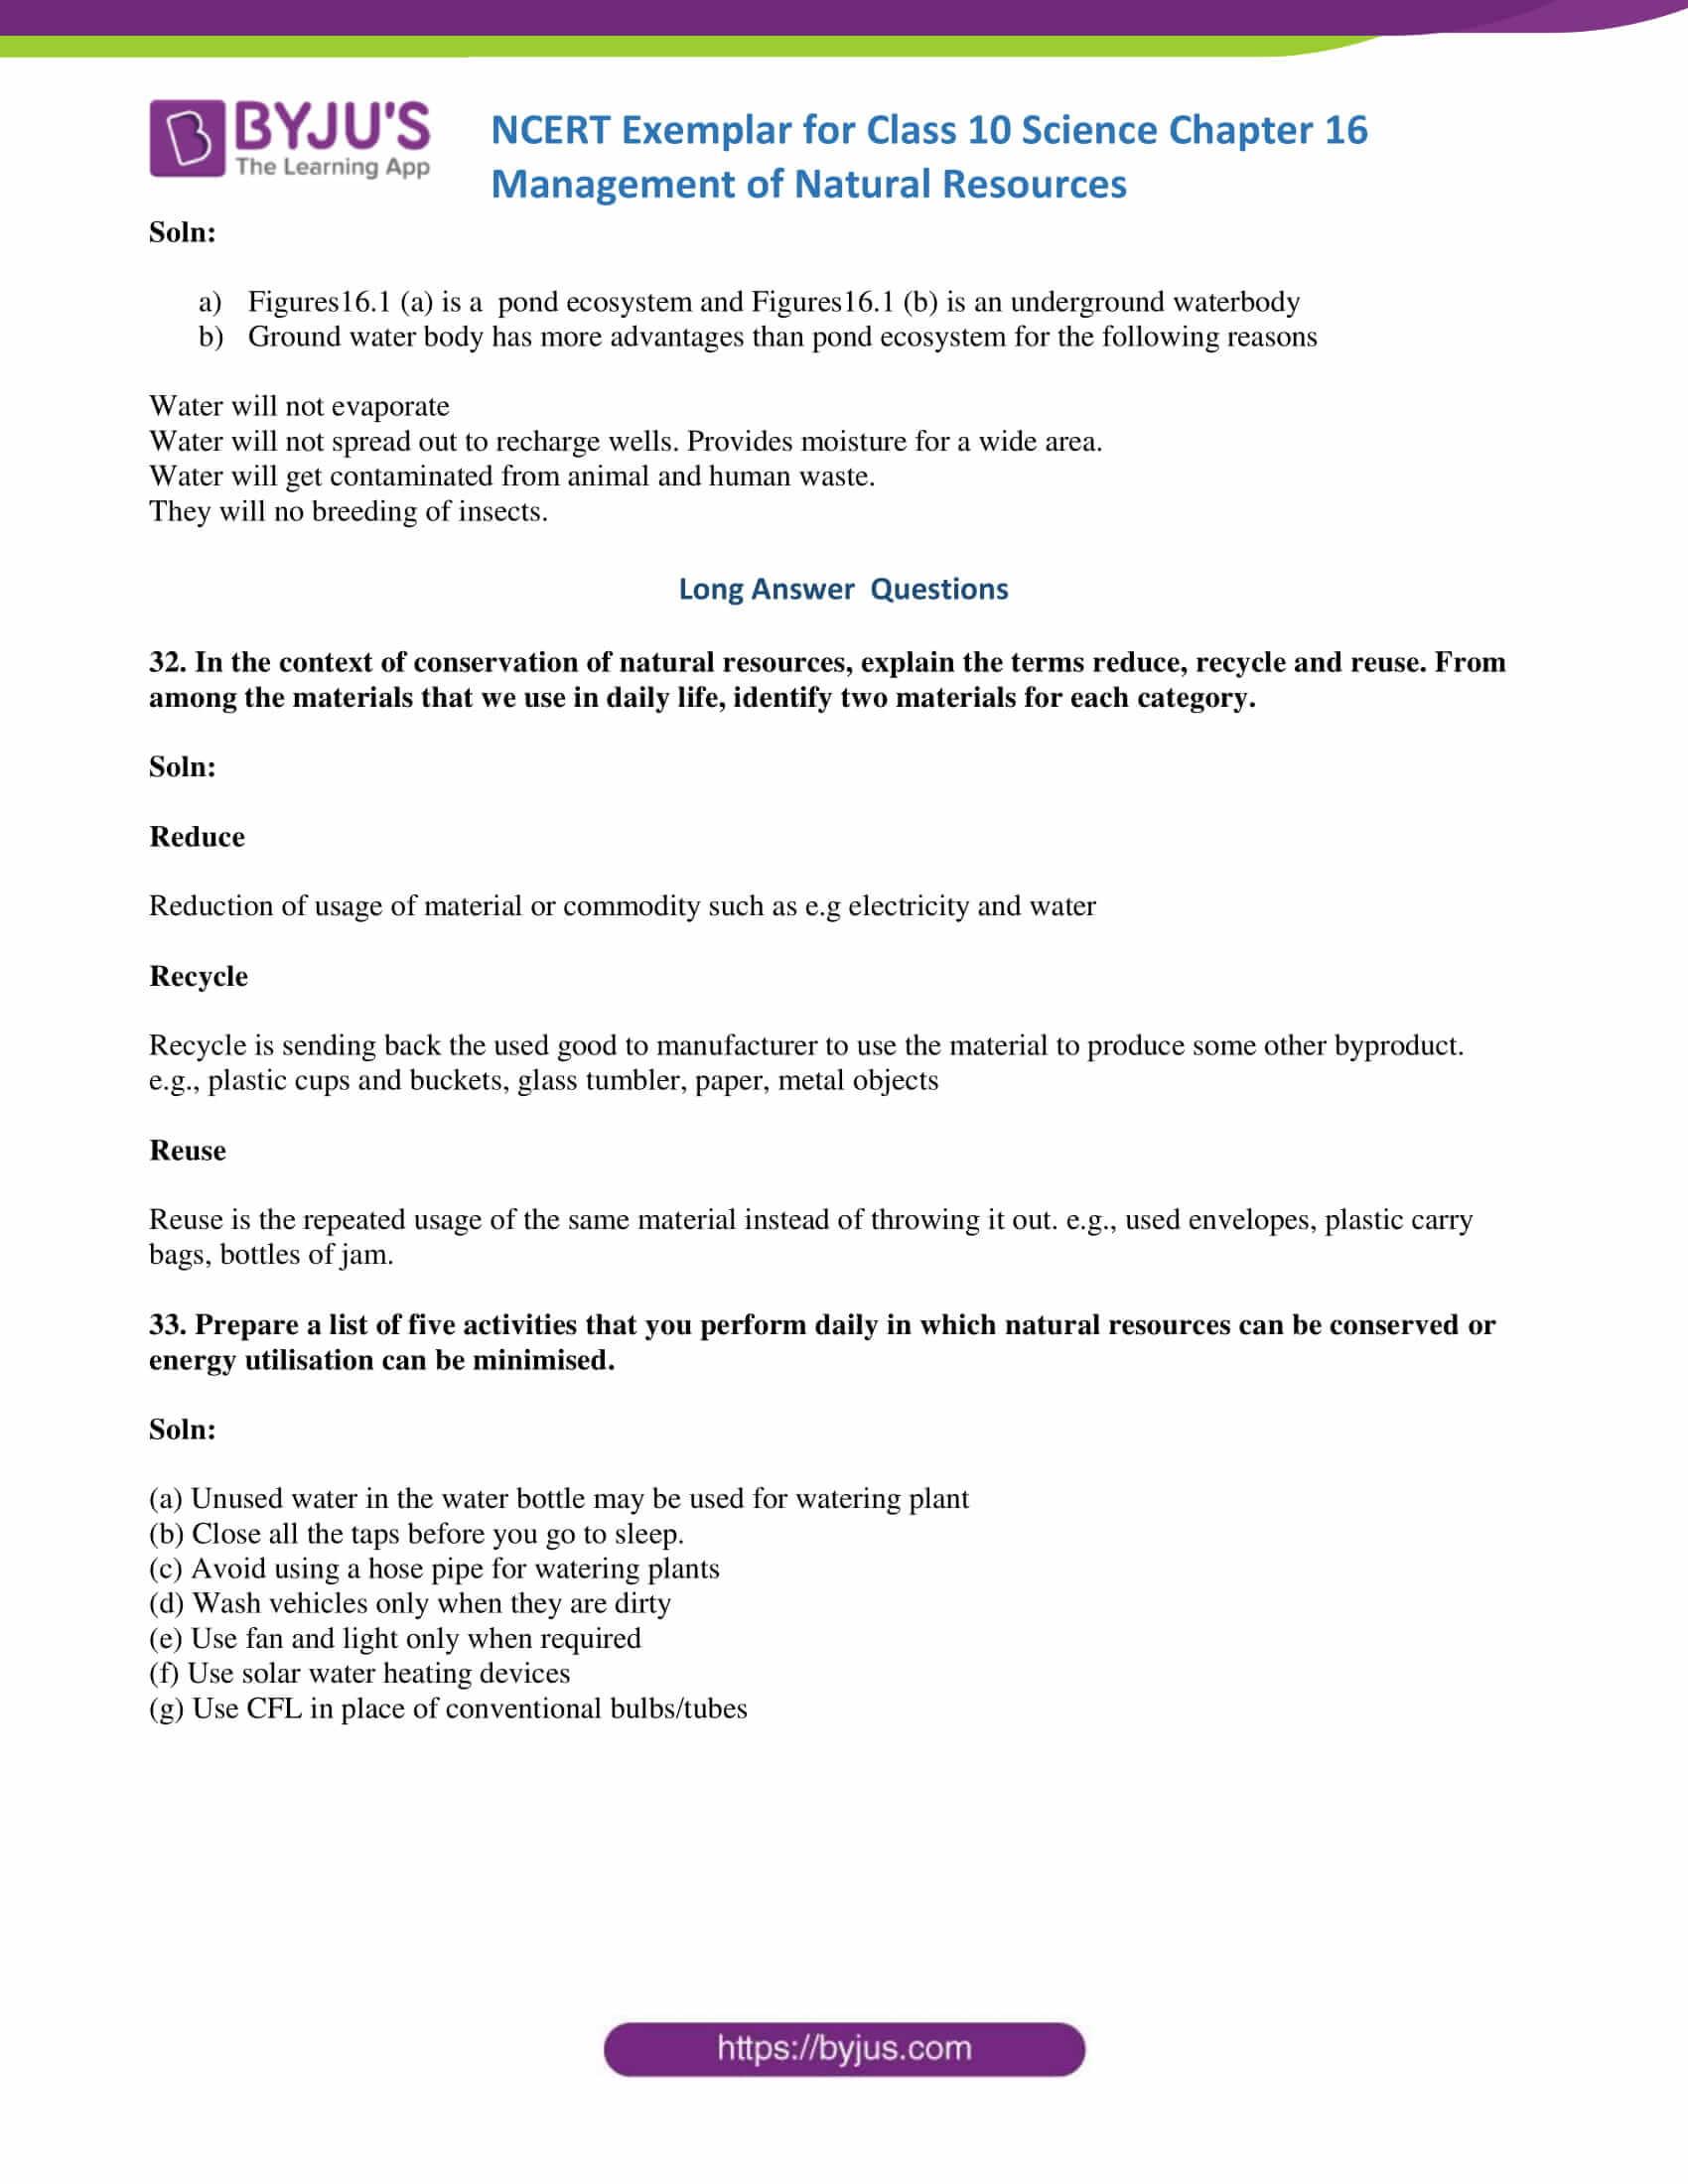 NCERT Exemplar solution class 10 Science Chapter 16 part 11